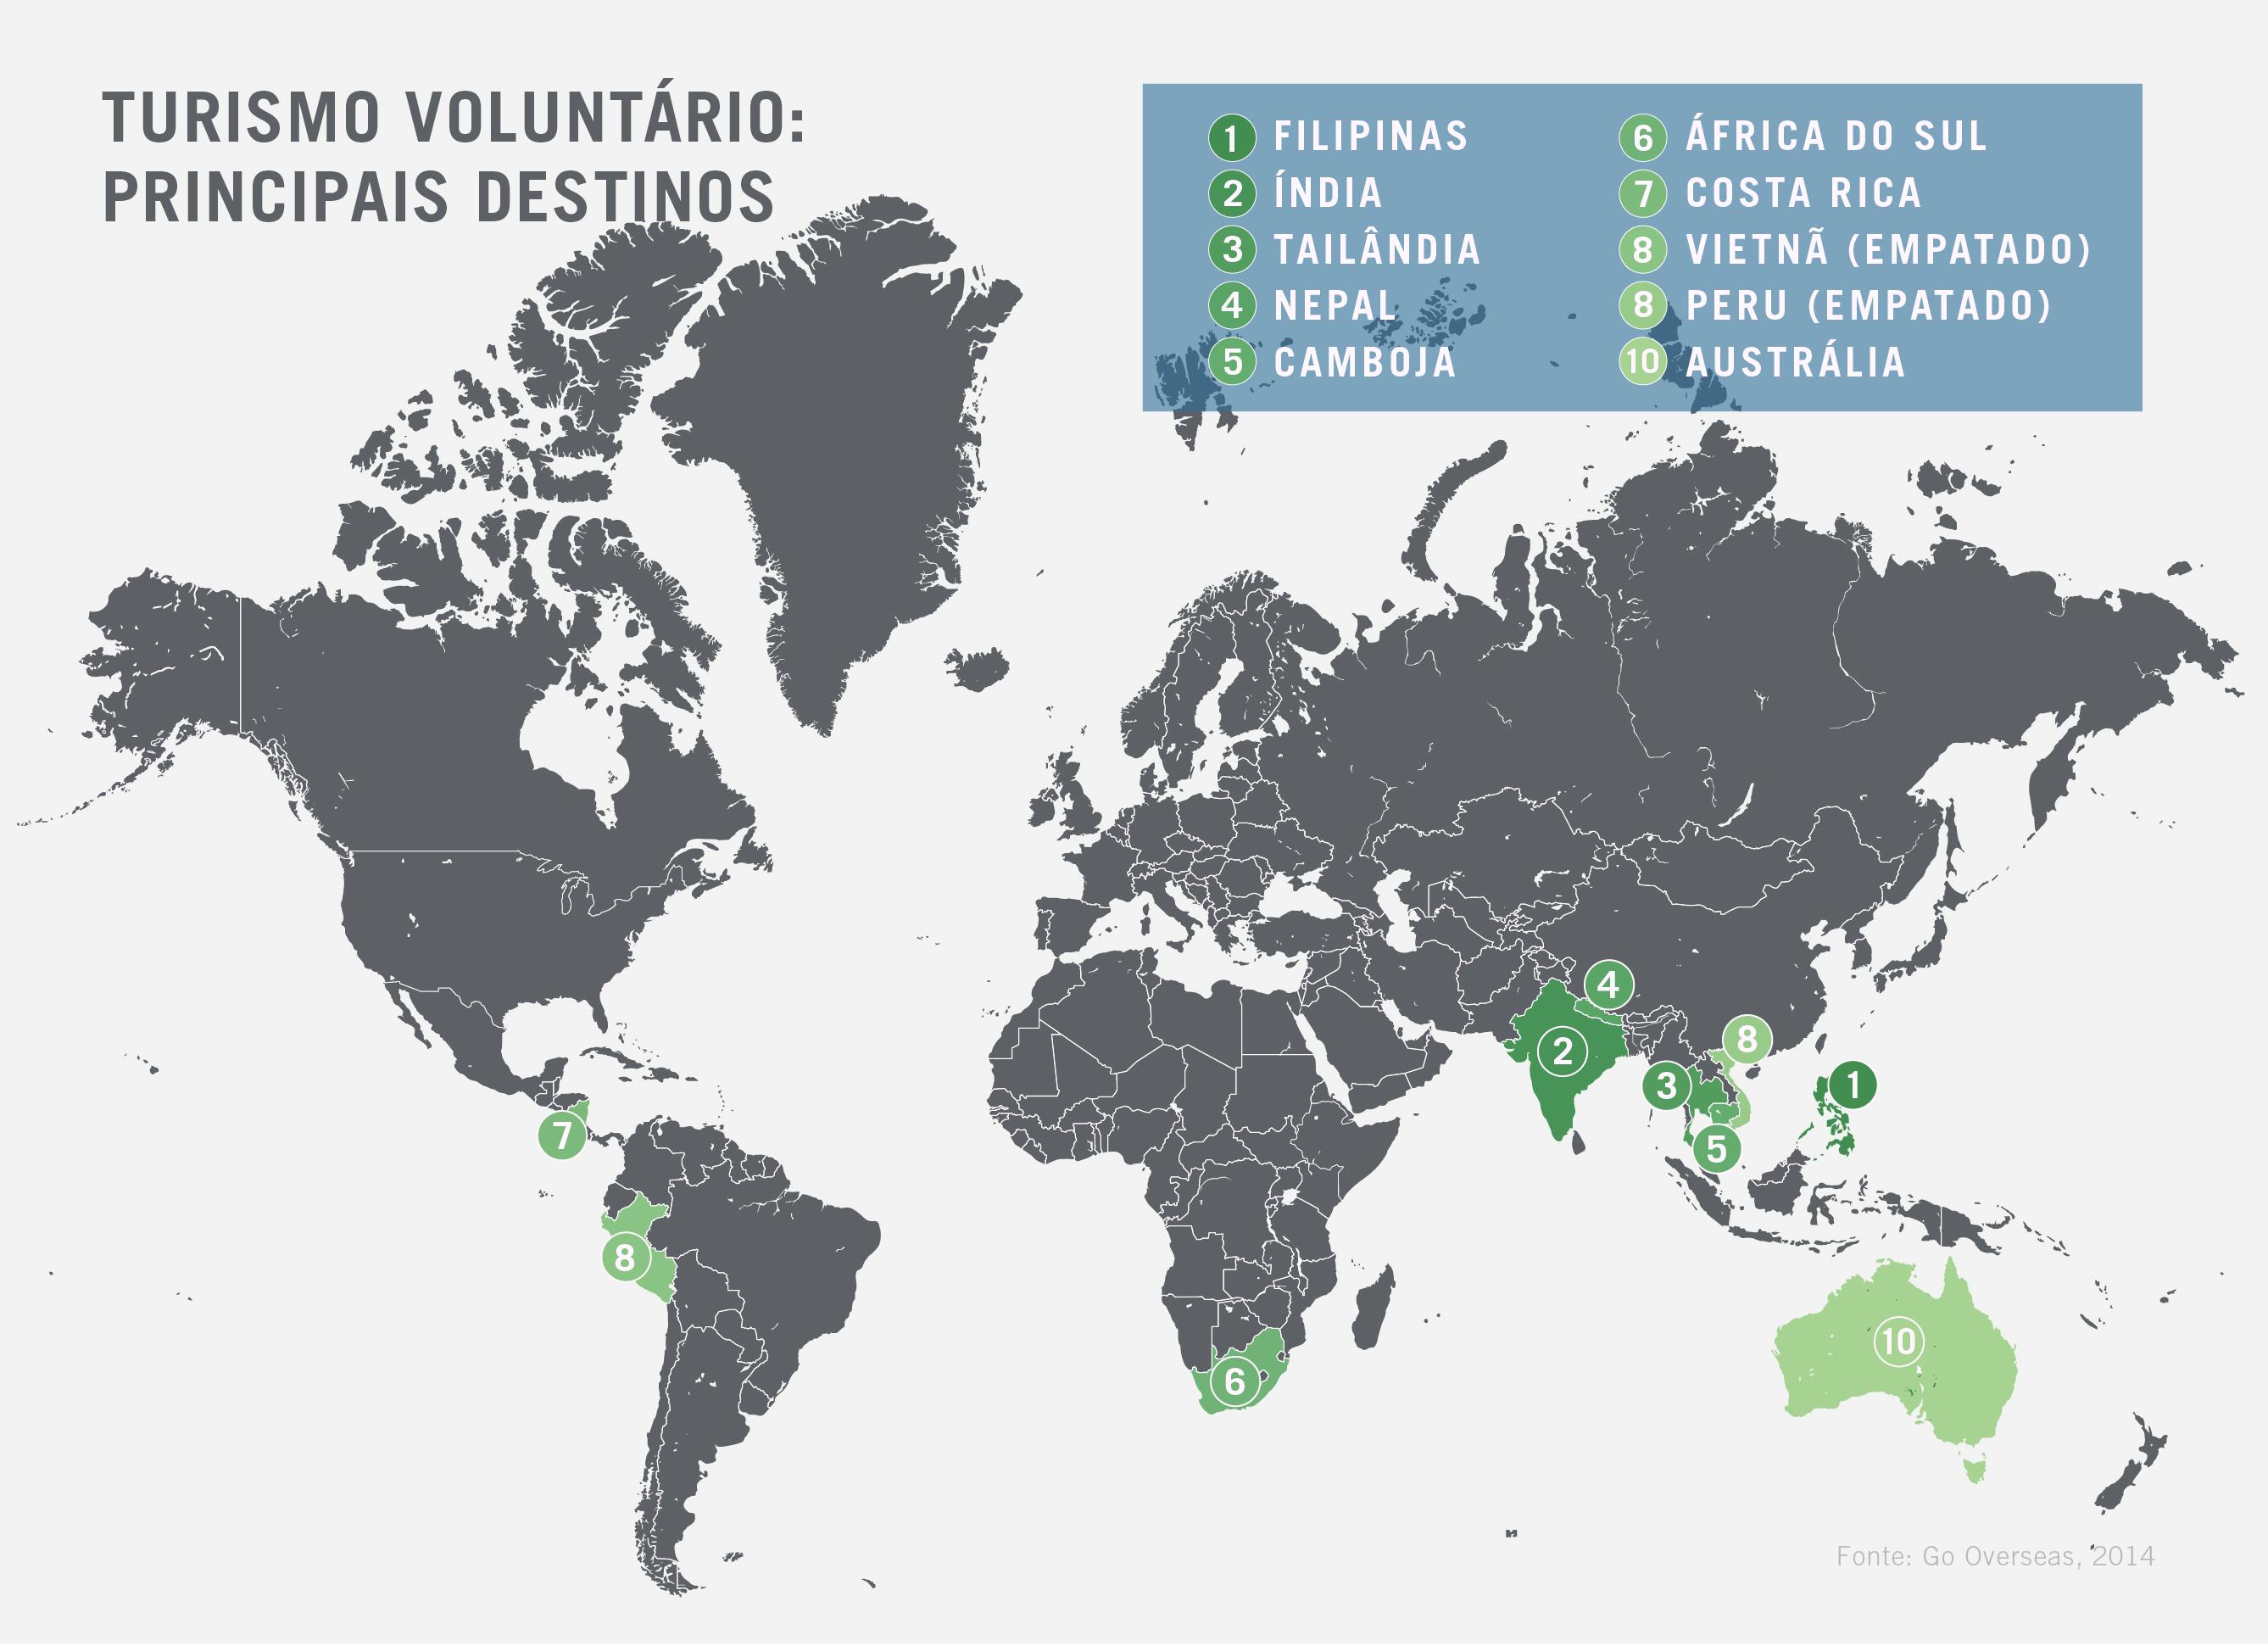 """Mapa dos dez principais destinos de turismo voluntário ou """"volunturismo"""" (Depto. de Estado/J. Maruszewski)"""